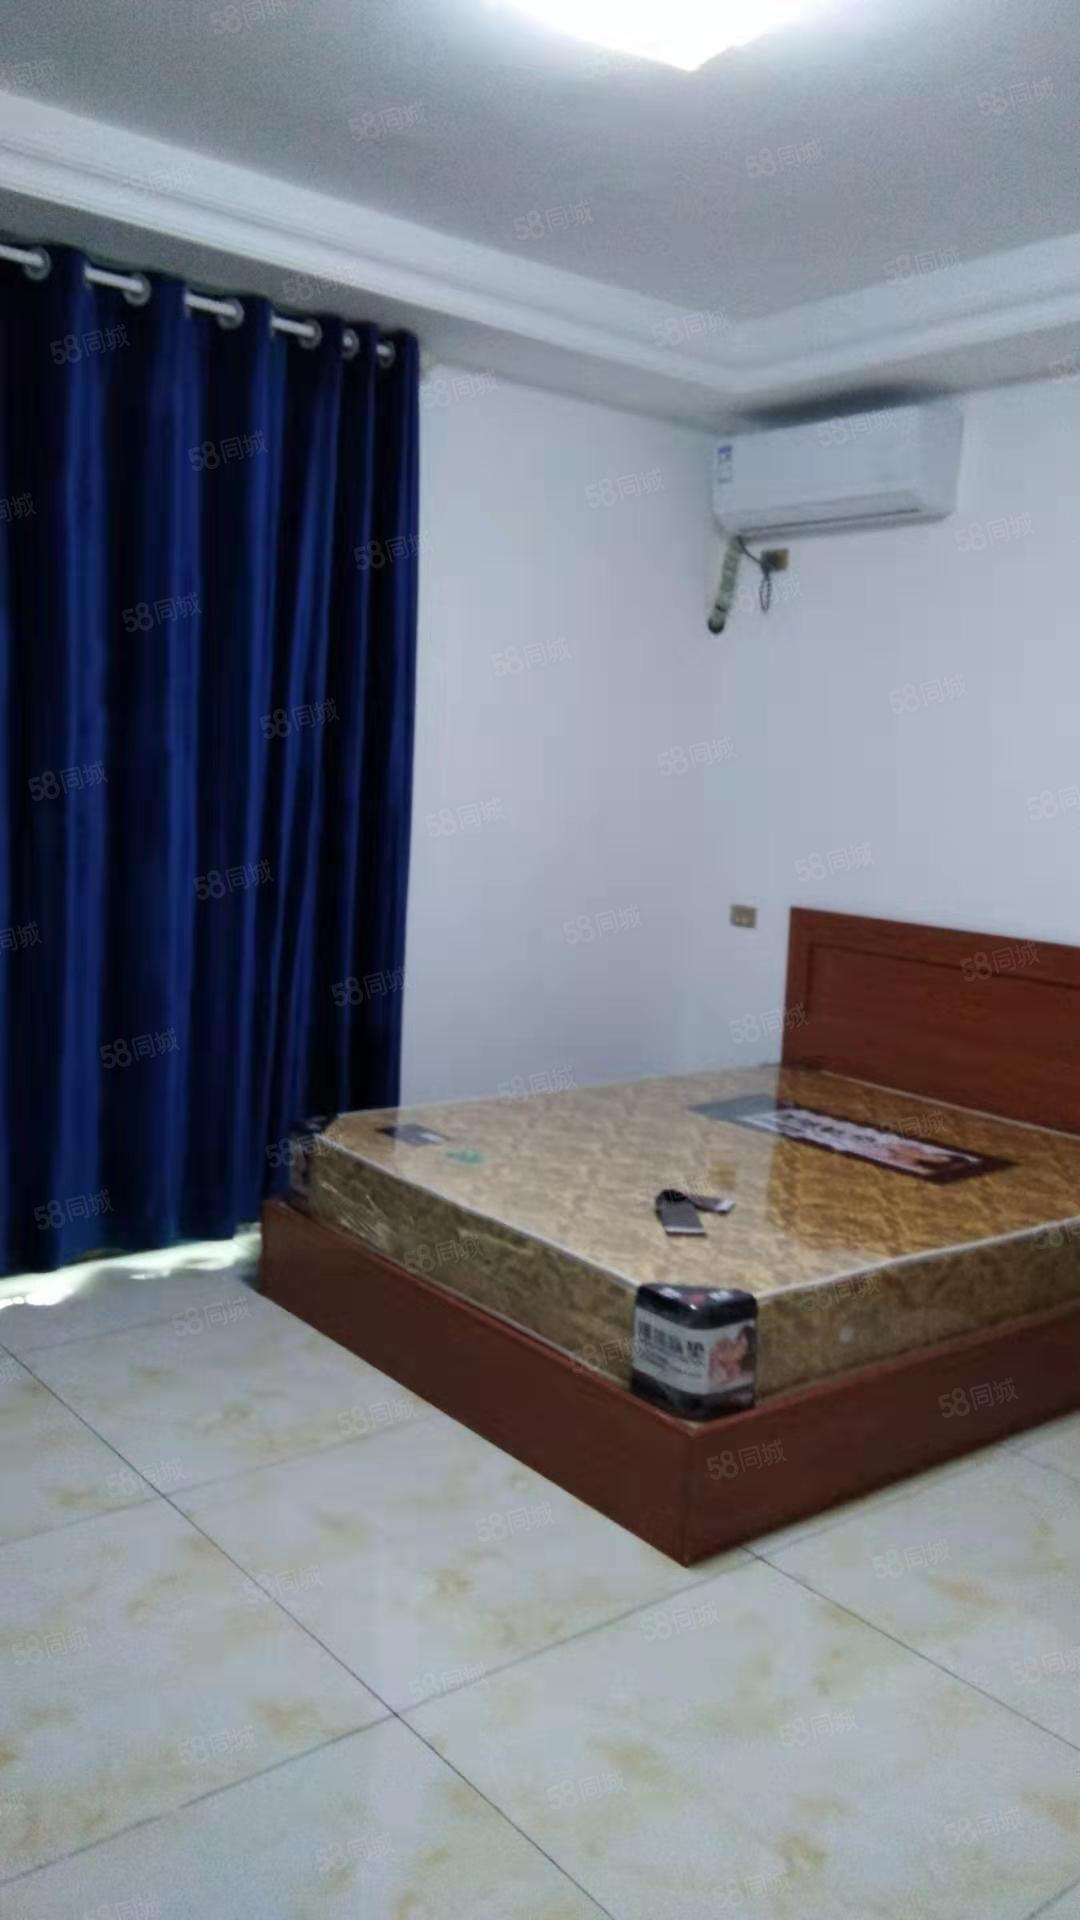 博雅居房产金滩移动公司公寓出租